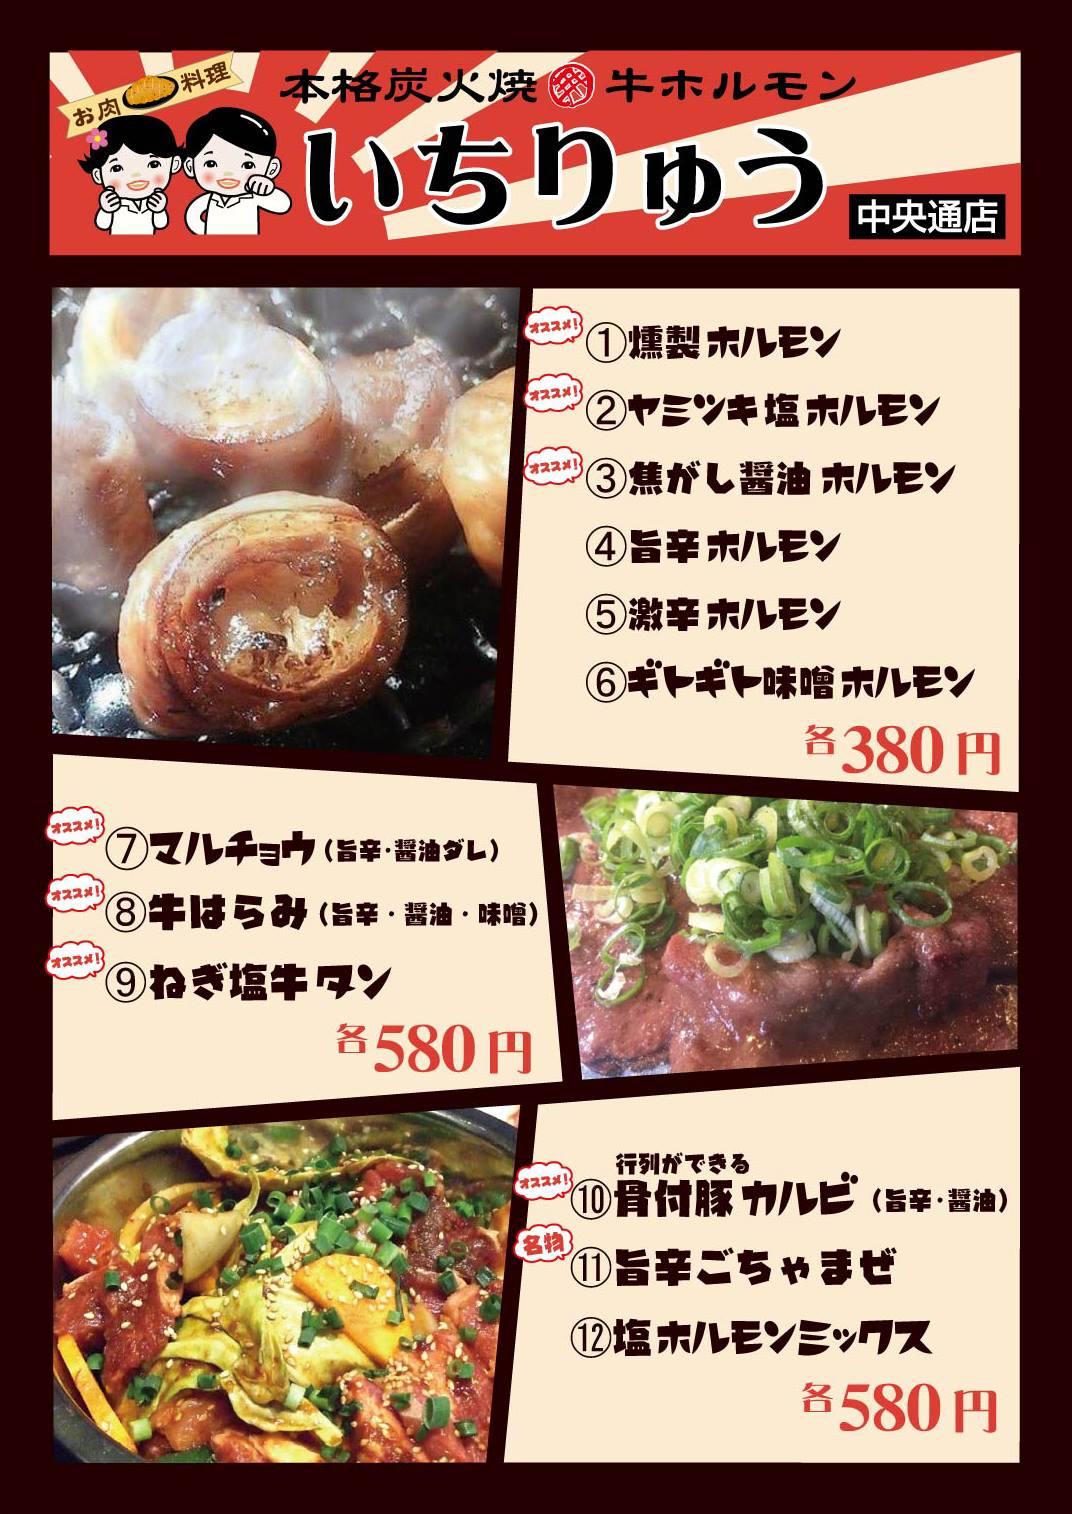 宮崎市立ち飲み屋いちりゅう中央通り店メニュー